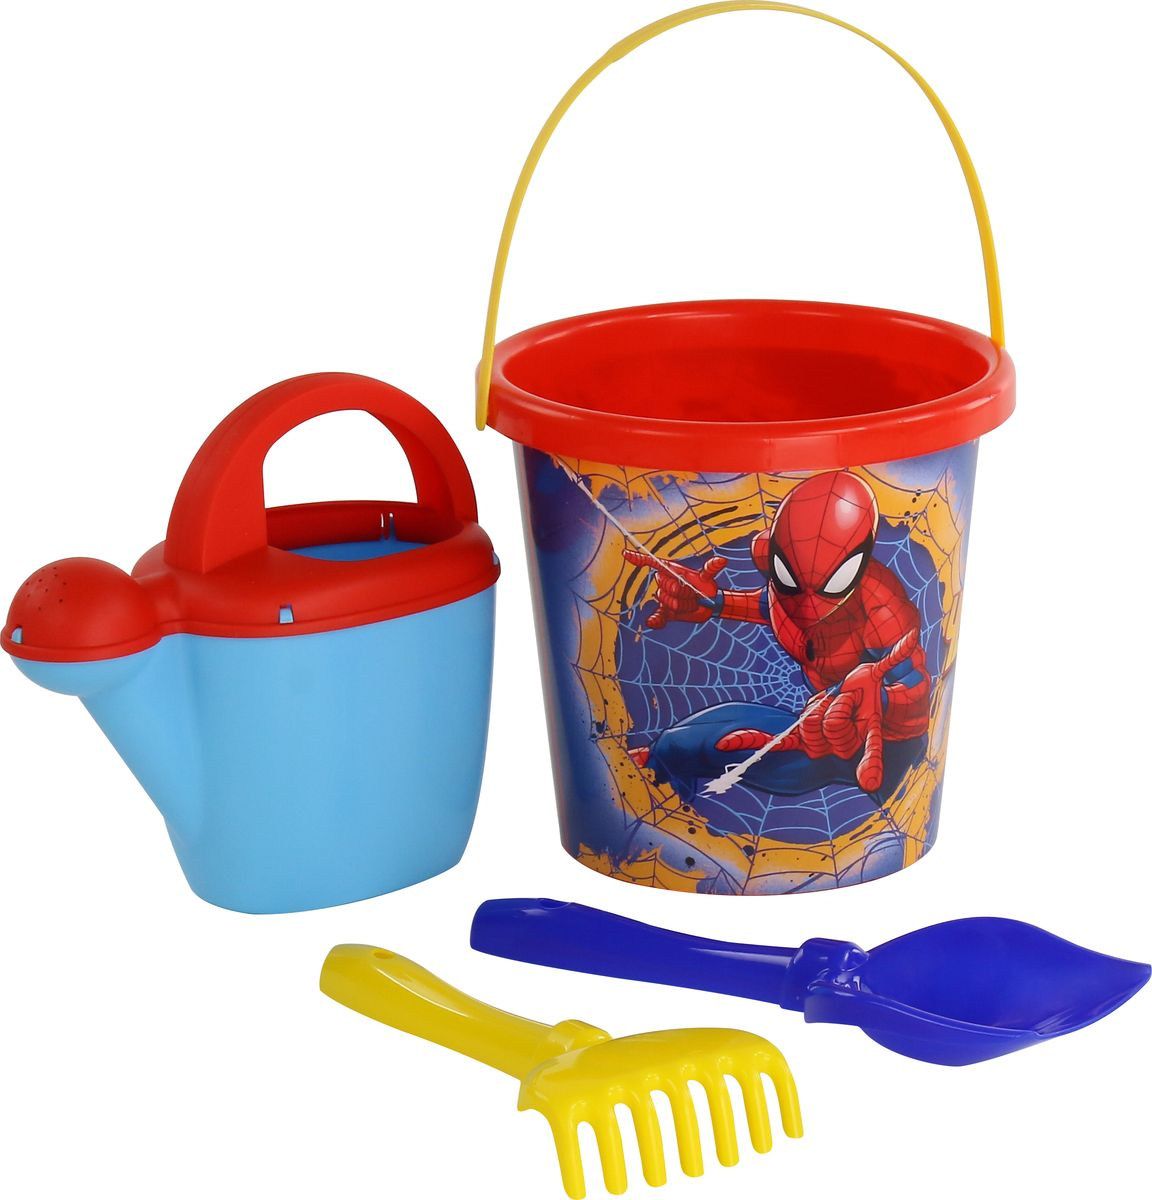 Marvel Набор игрушек для песочницы Набор Marvel Человек-Паук №9 marvel набор игрушек для песочницы софия прекрасная 1